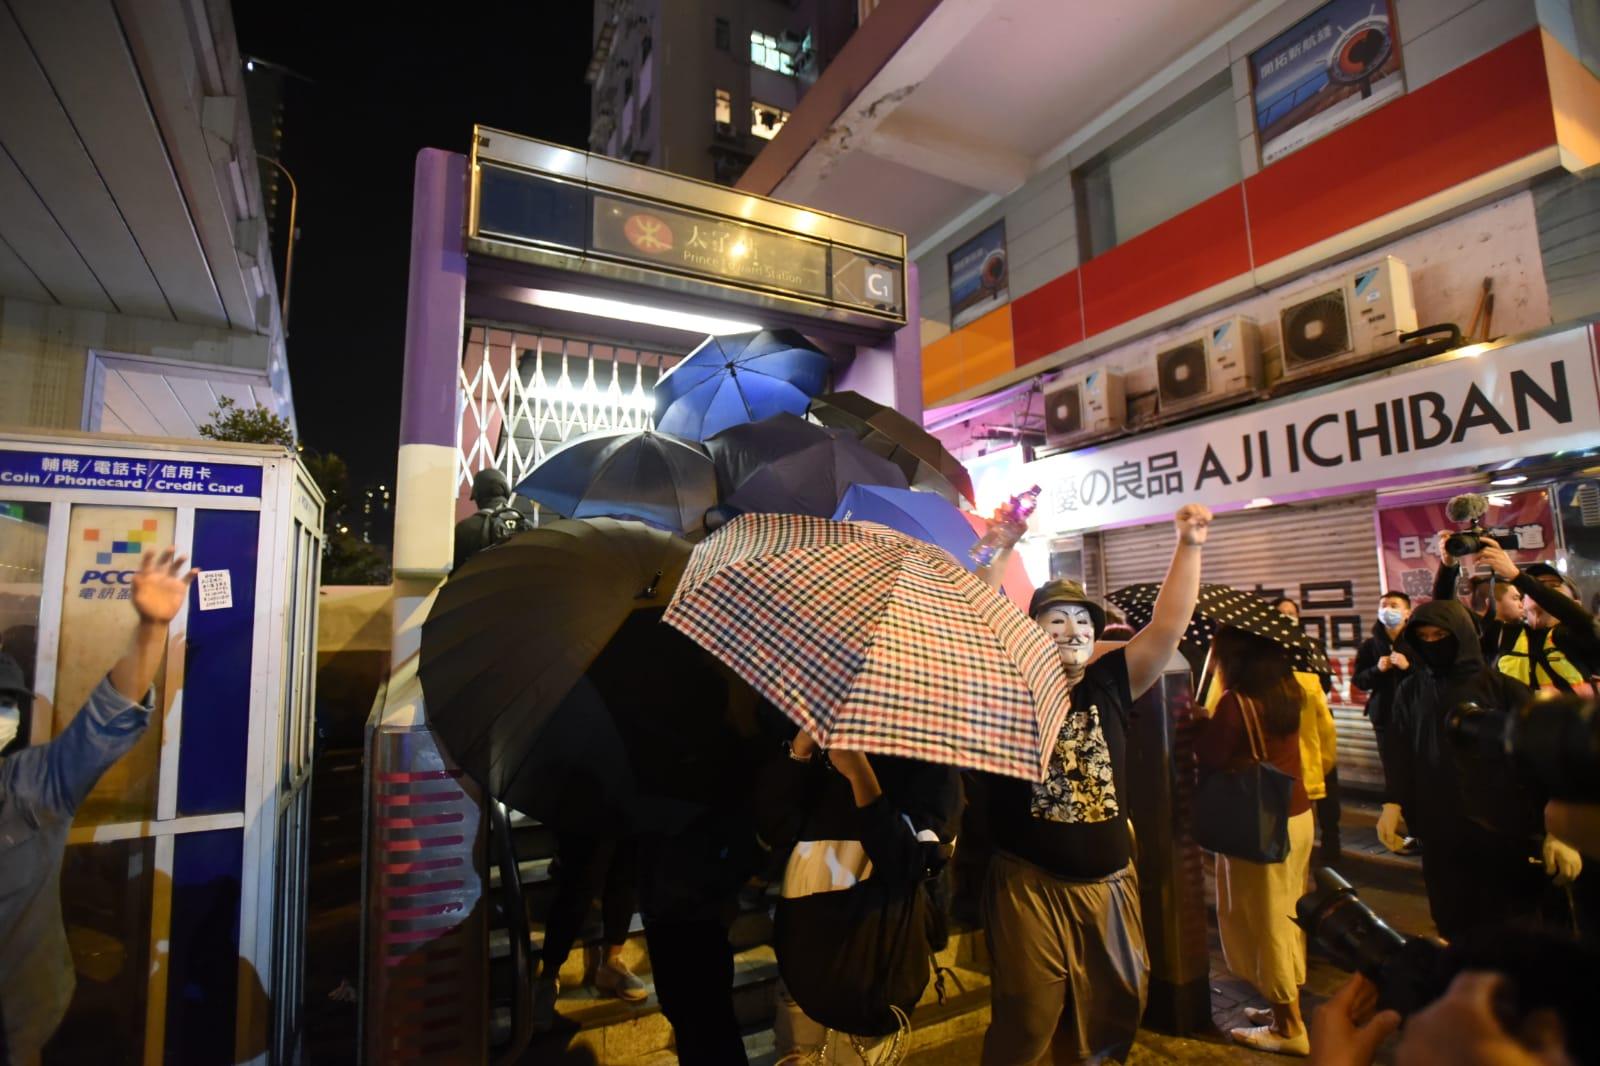 【修例风波】示威者堵塞弥敦道 警察持防暴枪及胡椒喷雾驱散